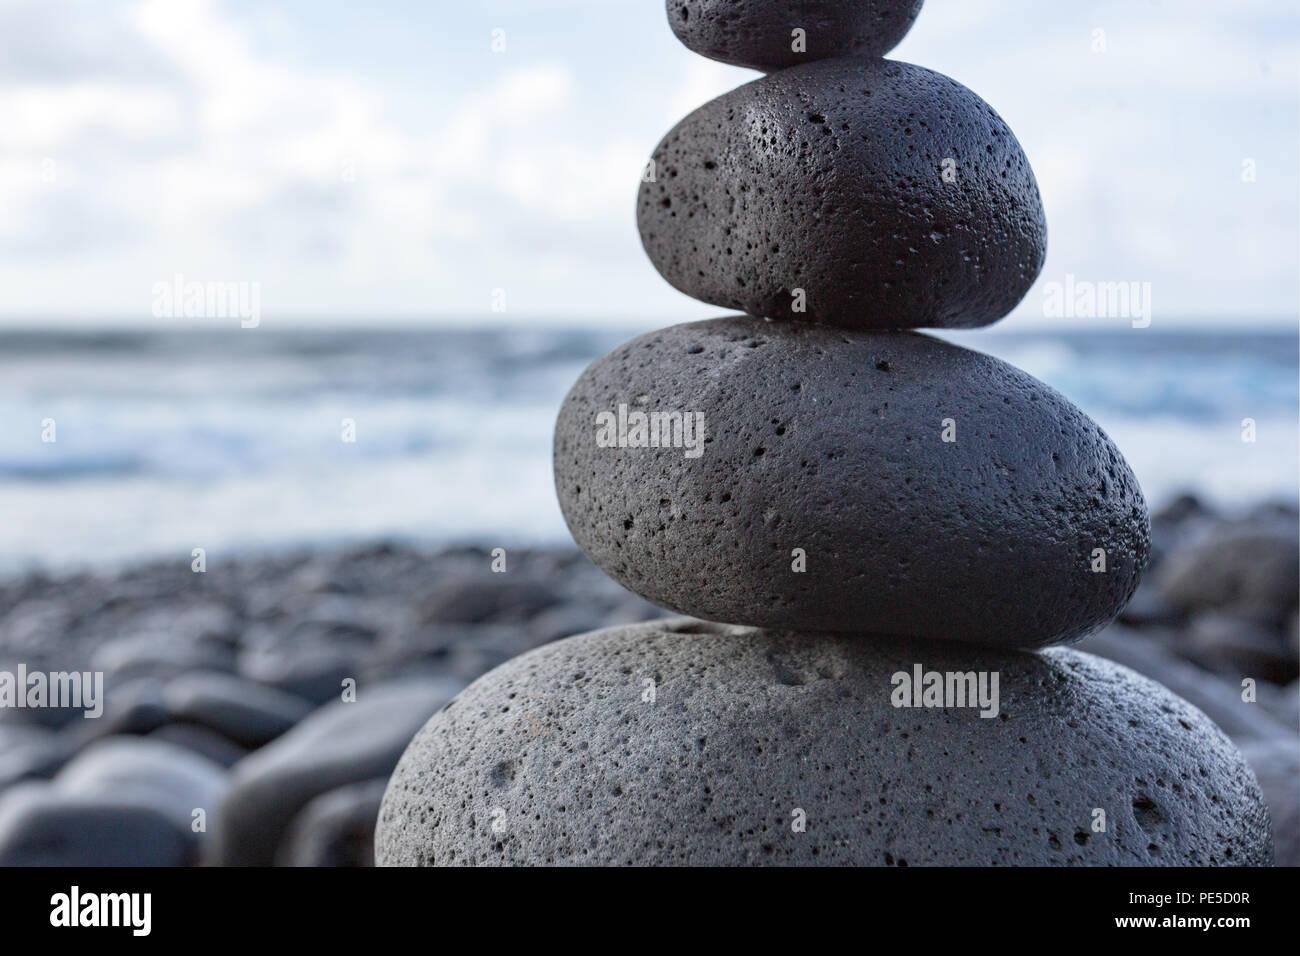 Detail einer ausgewogenen gestapelte Steine oder Kieselsteine am Strand mit dem Horizont im Hintergrund. Stockbild